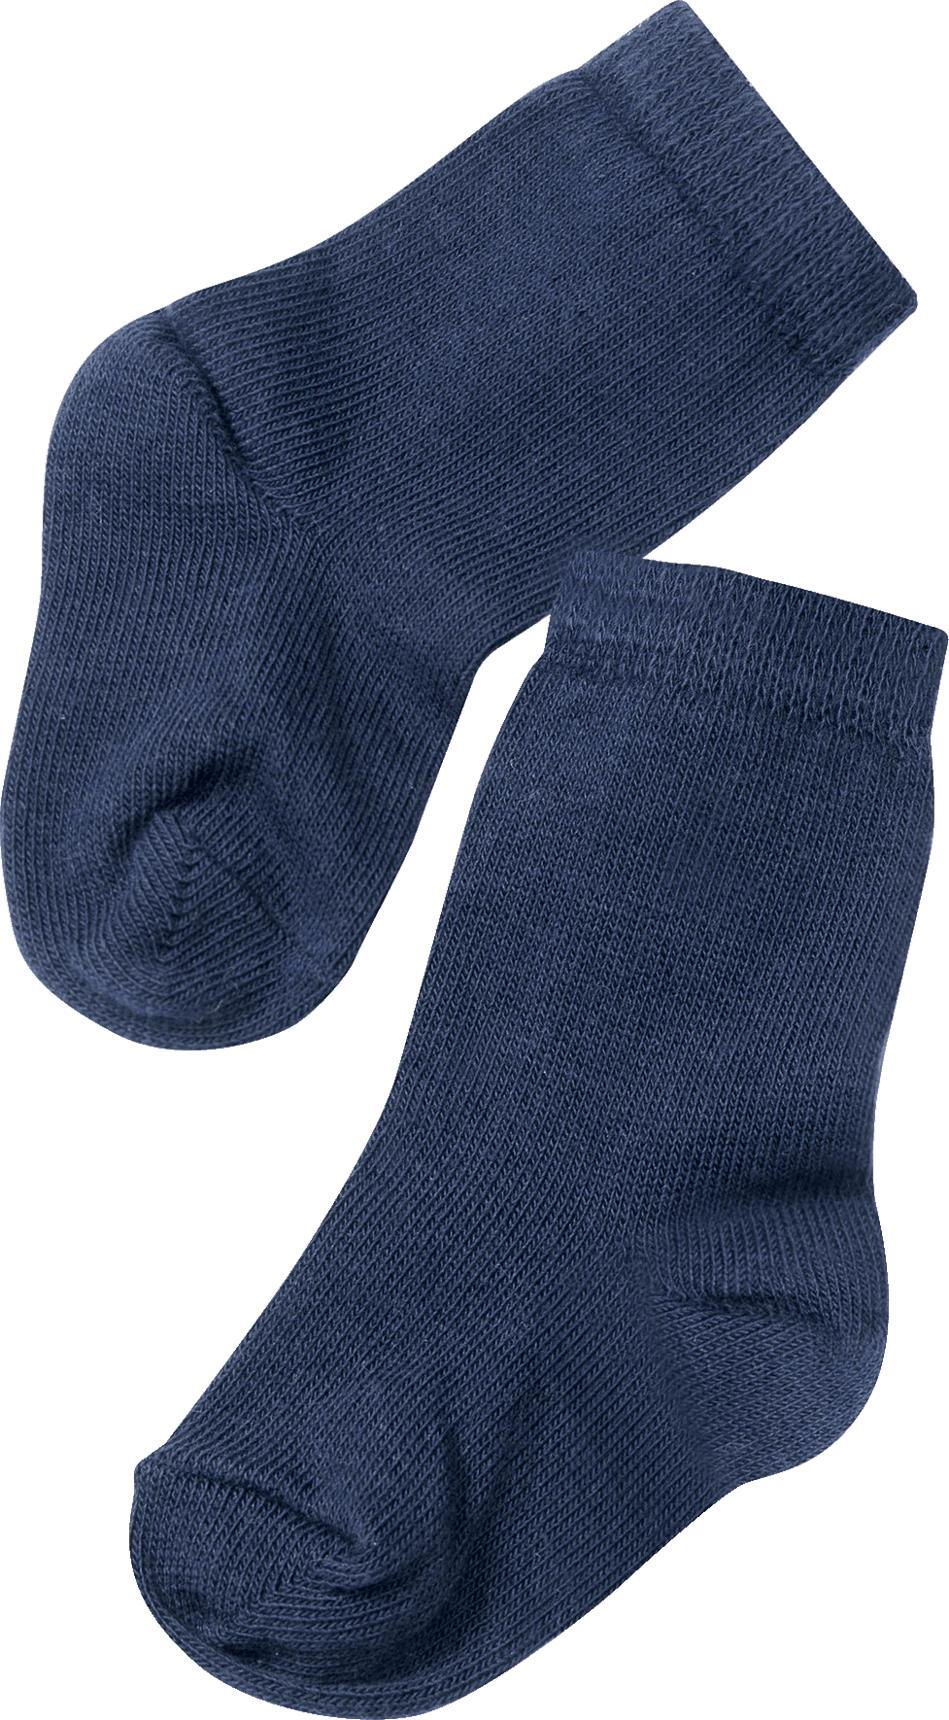 612f60d15d ALANA Baby-Söckchen, Gr. 19/22, in Bio-Baumwolle und Elasthan, blau ...